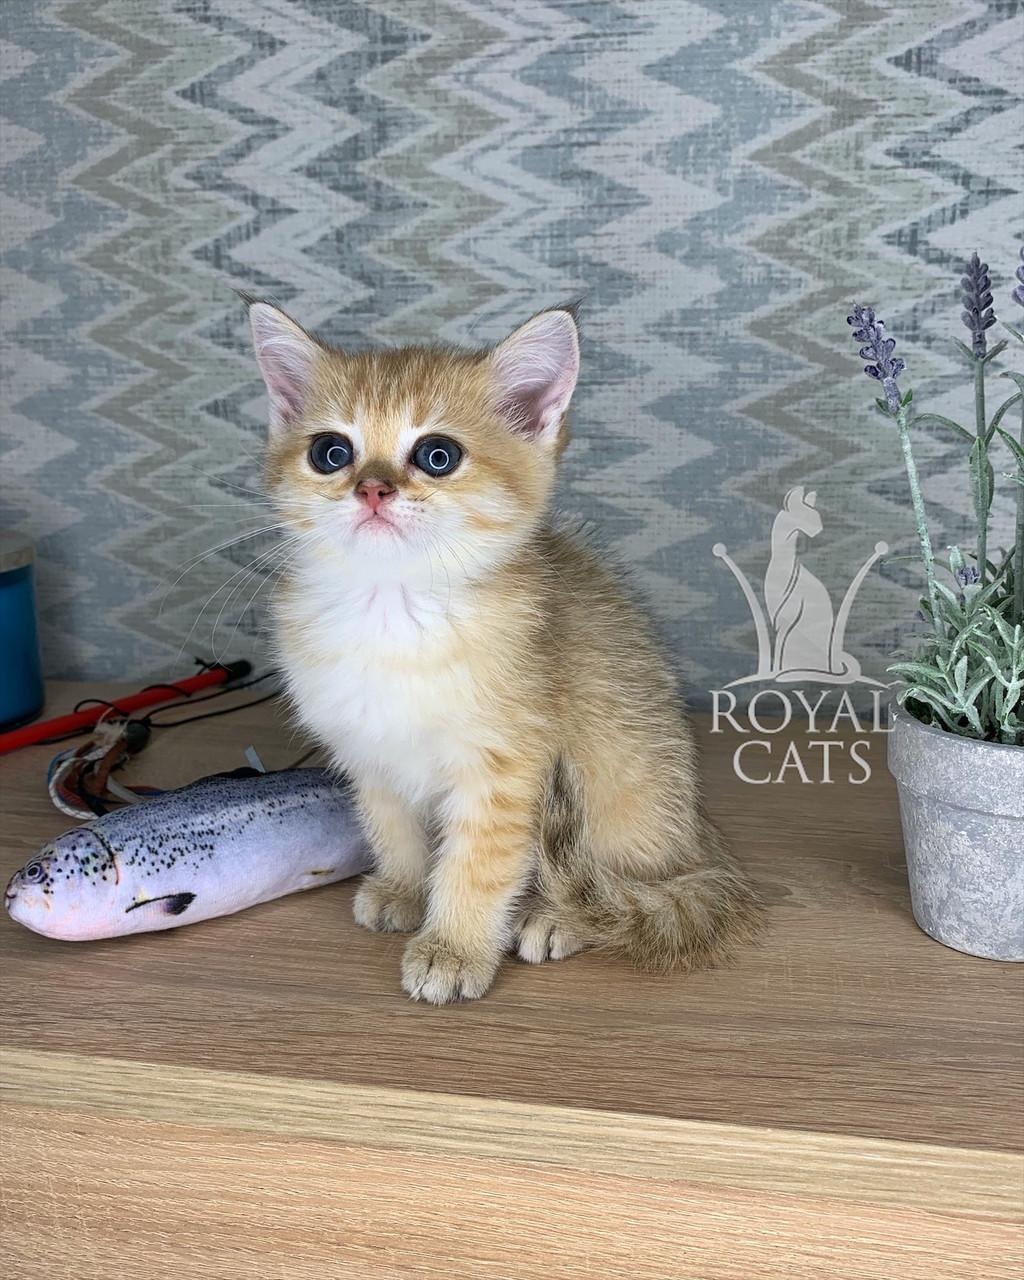 Кошечка шотландская прямоухая шиншилла, рожден 13.05.2020 в питомнике Royal Cats. Украина, Киев